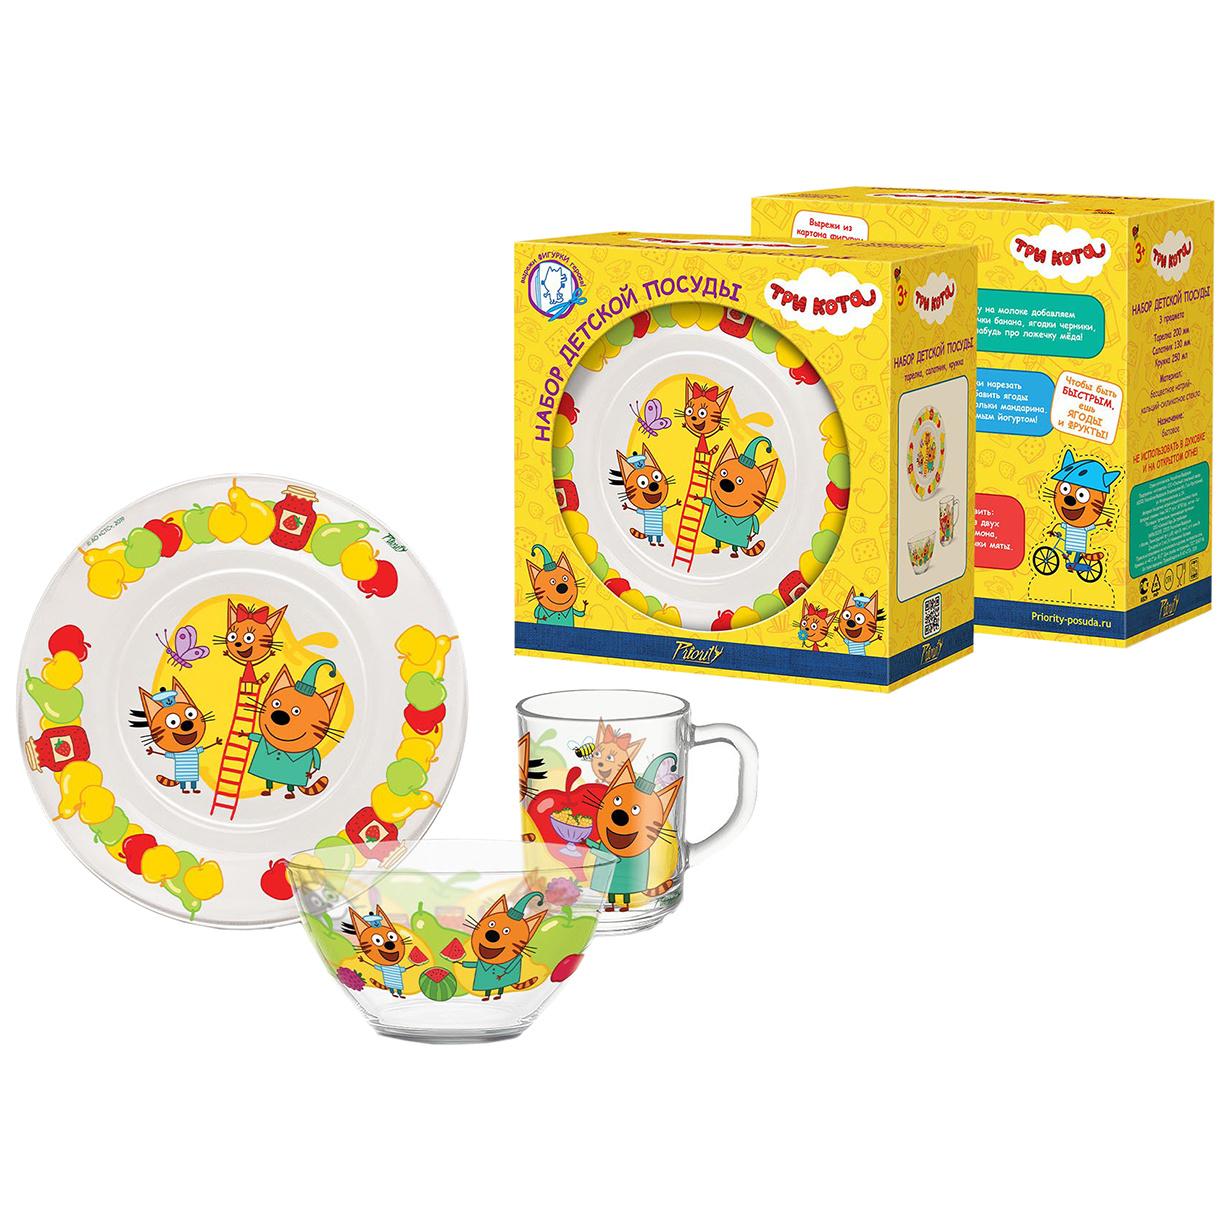 Купить Набор детской посуды Приор Групп Три кота фрукты 135459-TN,